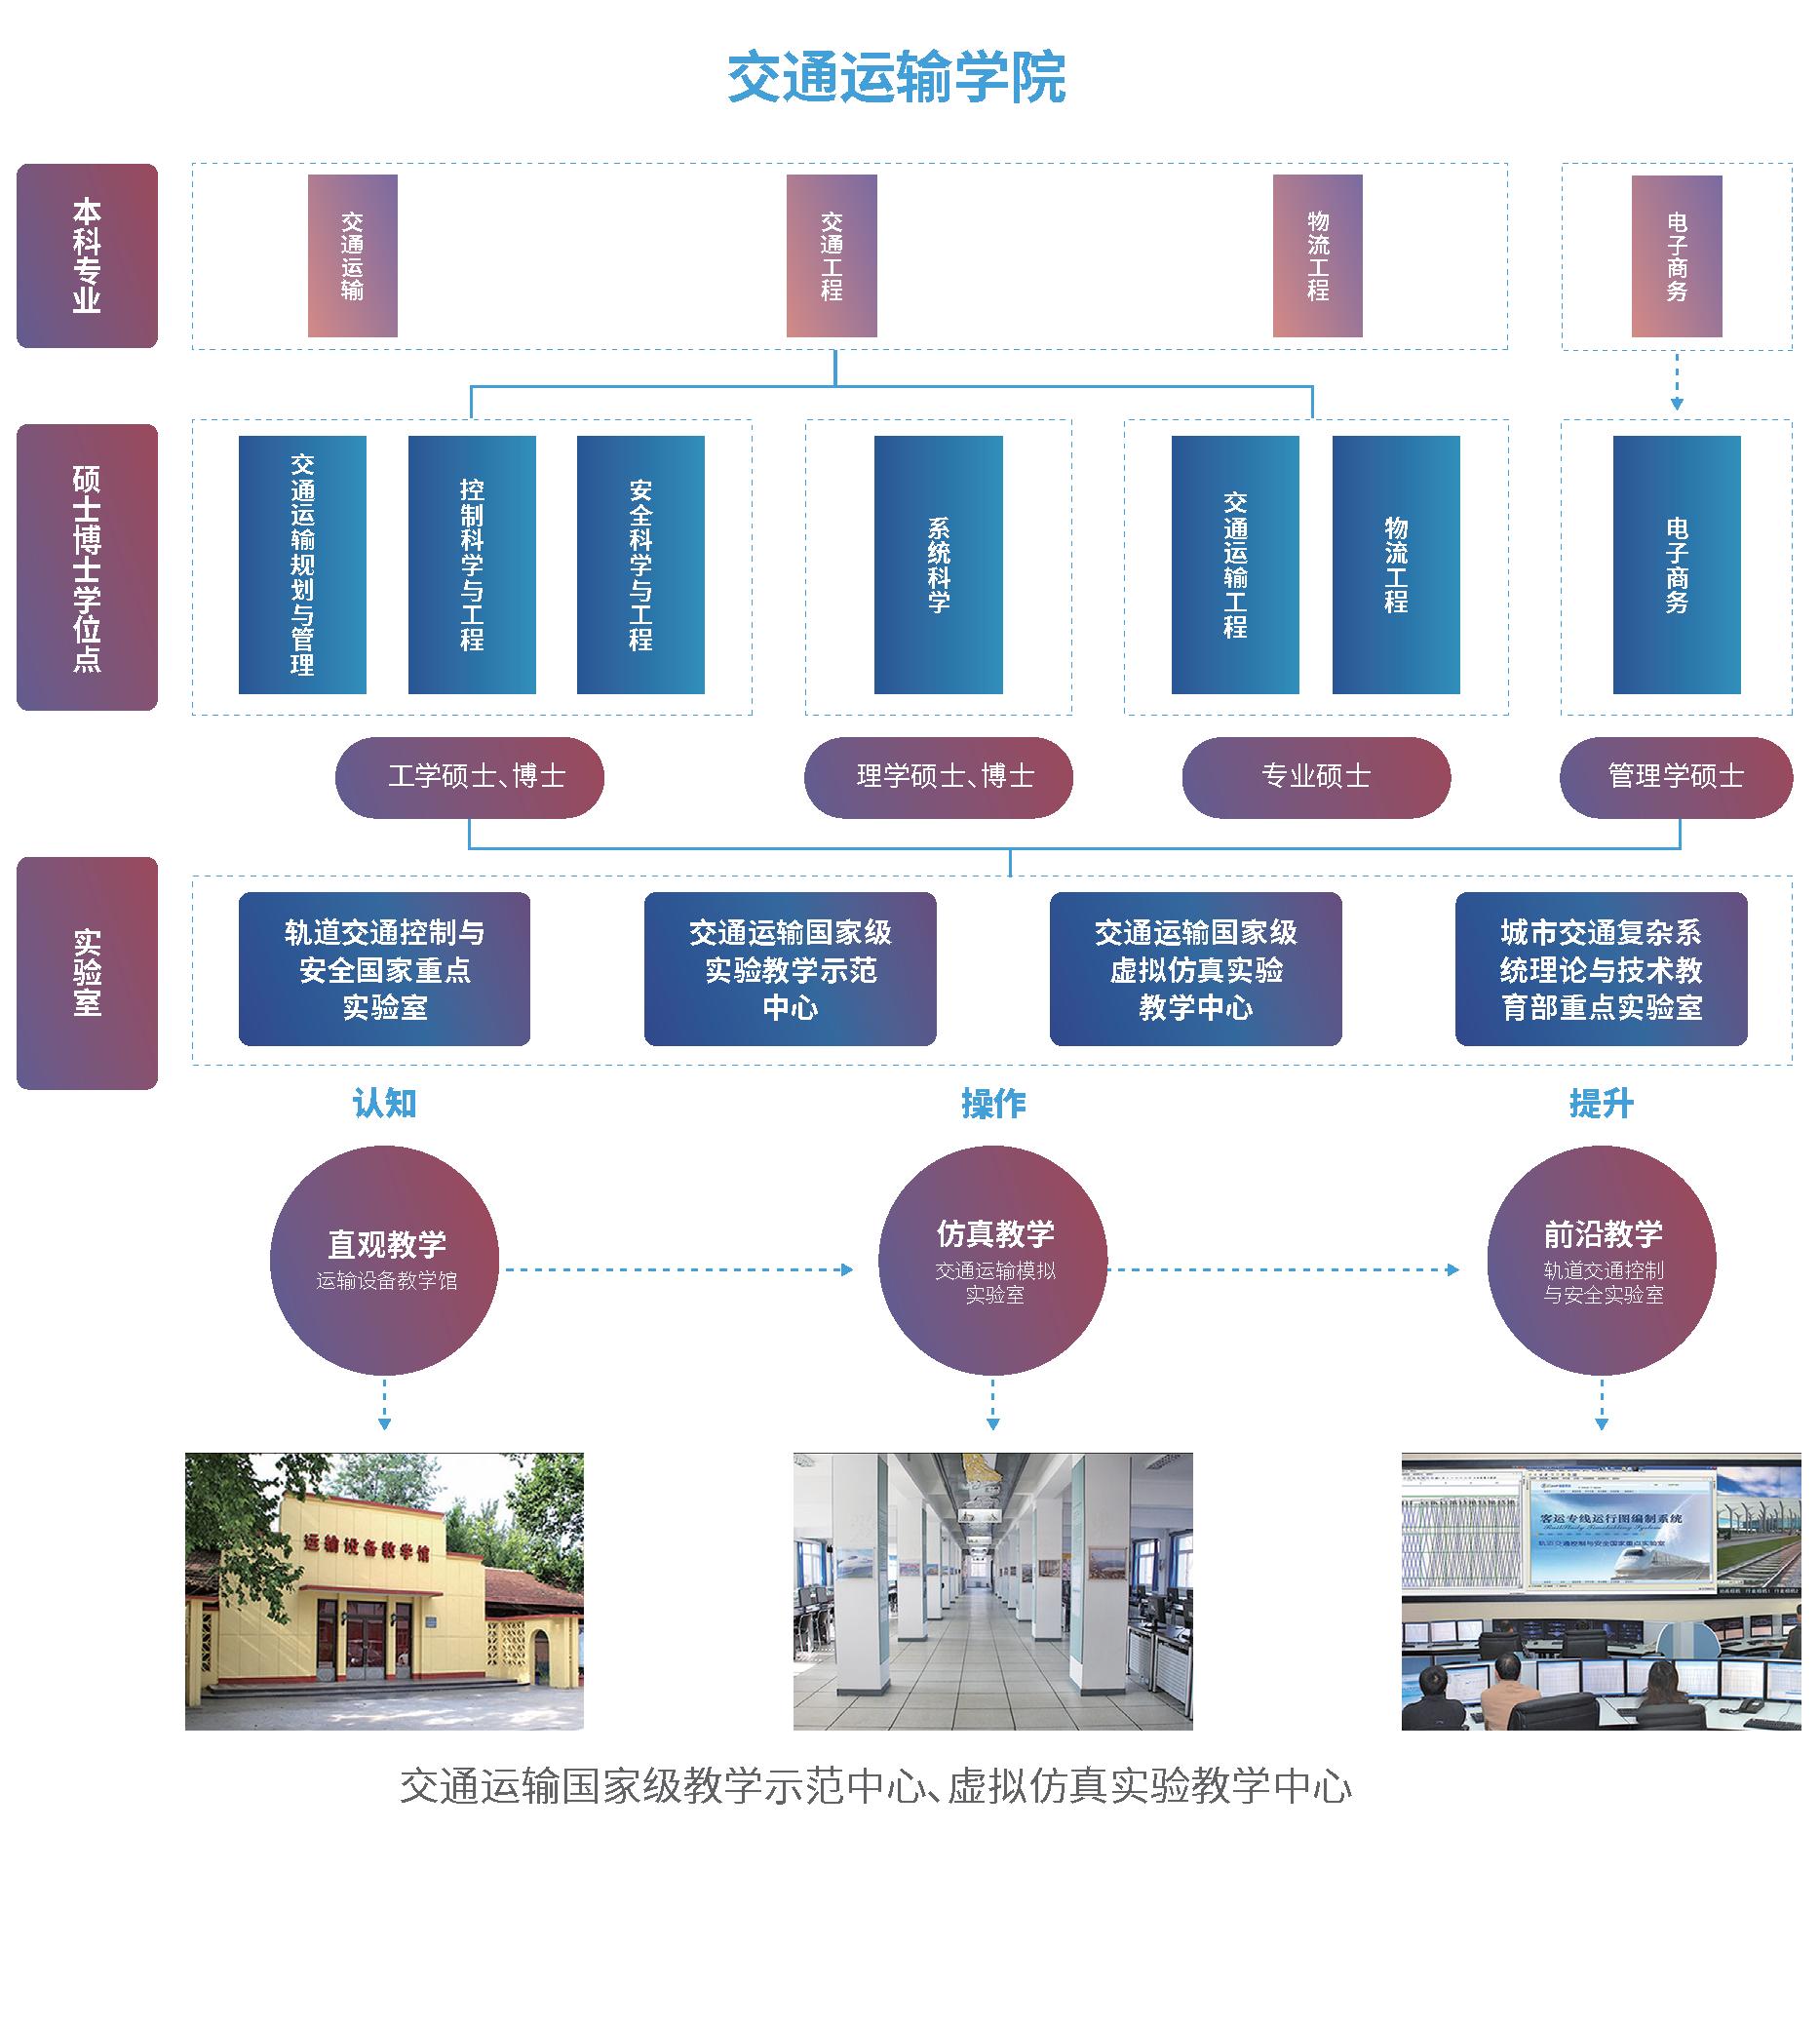 招生指南-各学院架构图 5个 6-6_页面_5.png